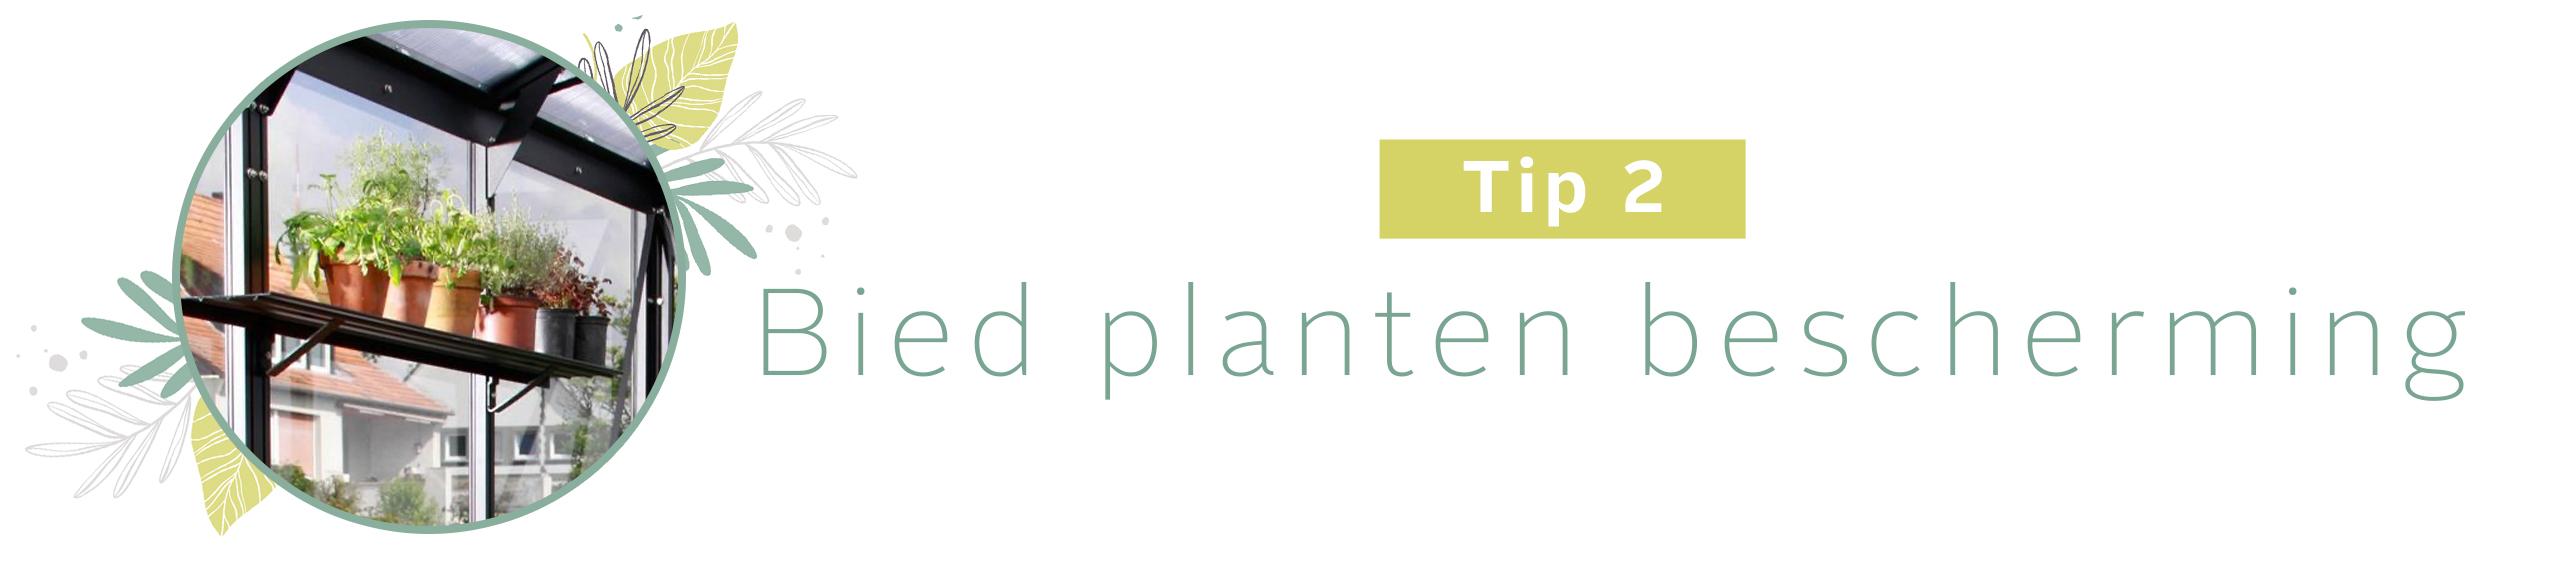 Tip 2: Bied planten bescherming